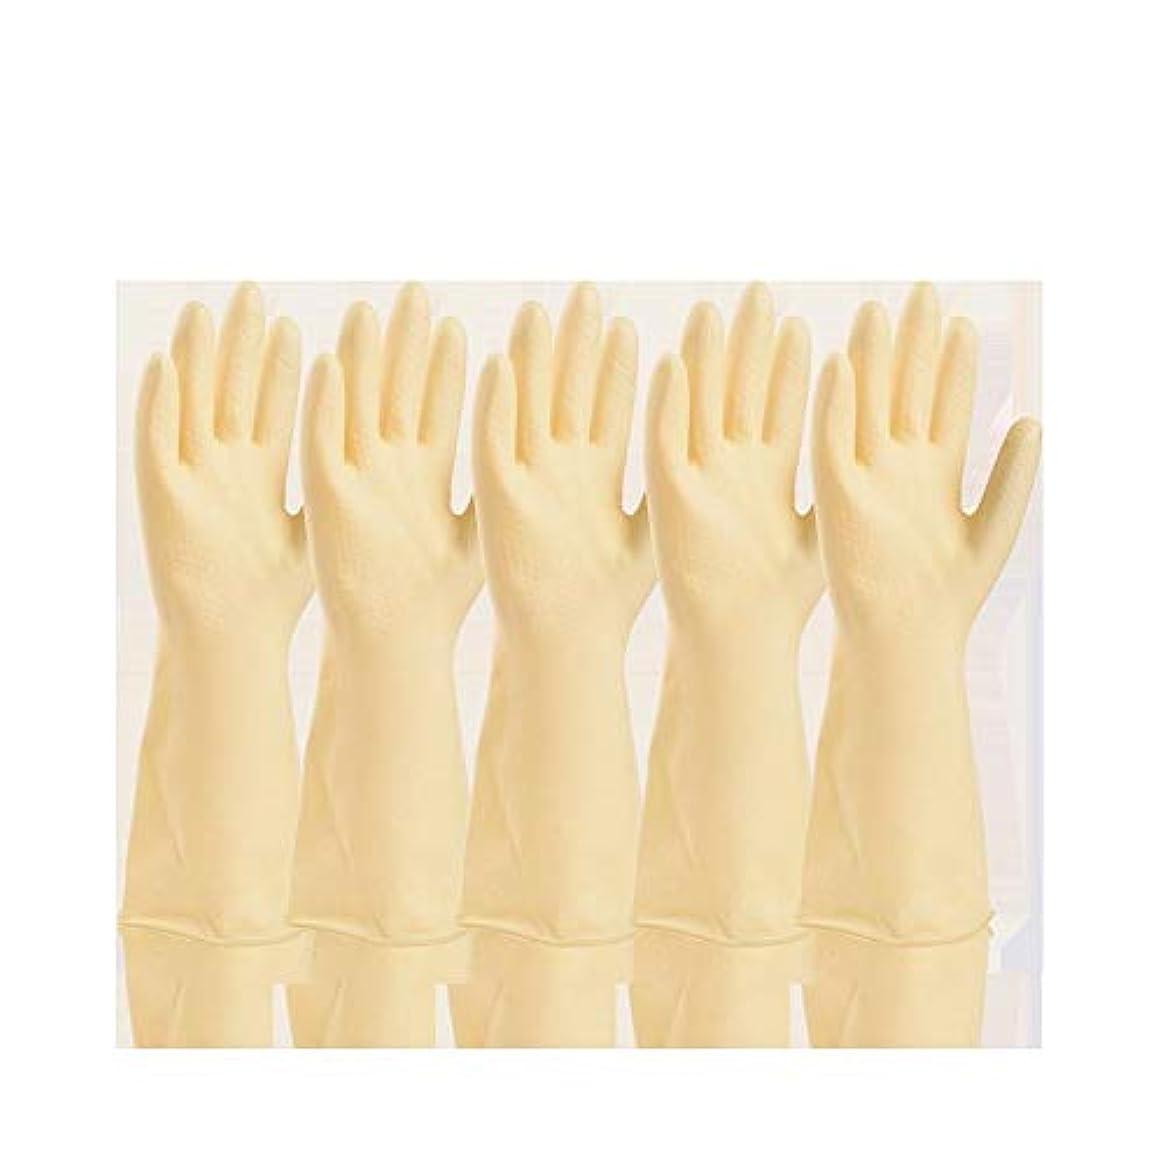 乱気流公園面ニトリルゴム手袋 工業用手袋厚手のプラスチック製保護用耐水性防水ラテックス手袋、5ペア 使い捨て手袋 (Color : White, Size : L)